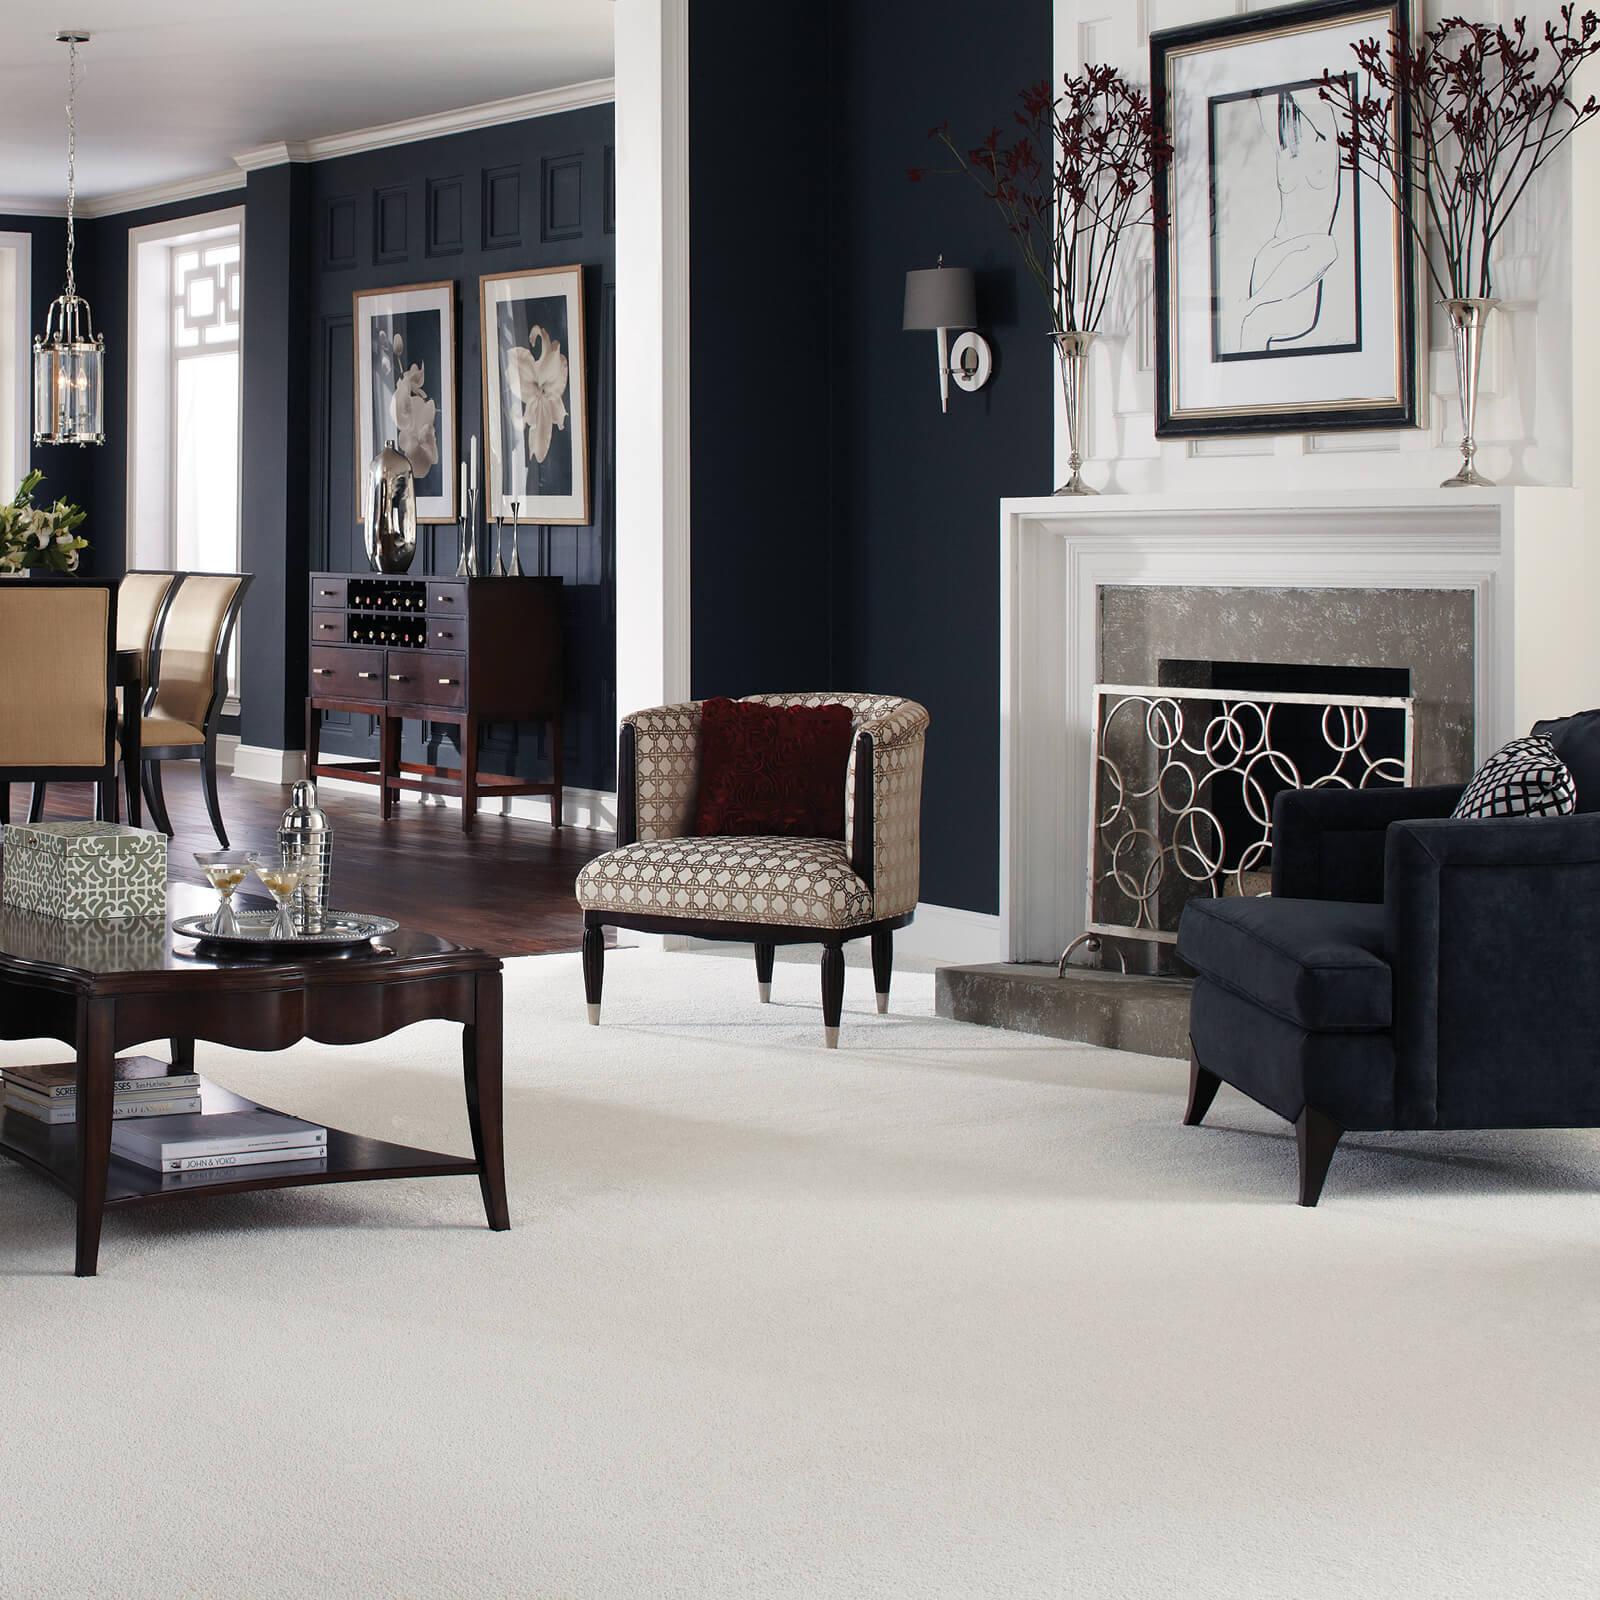 Carpet in living room   IQ Floors